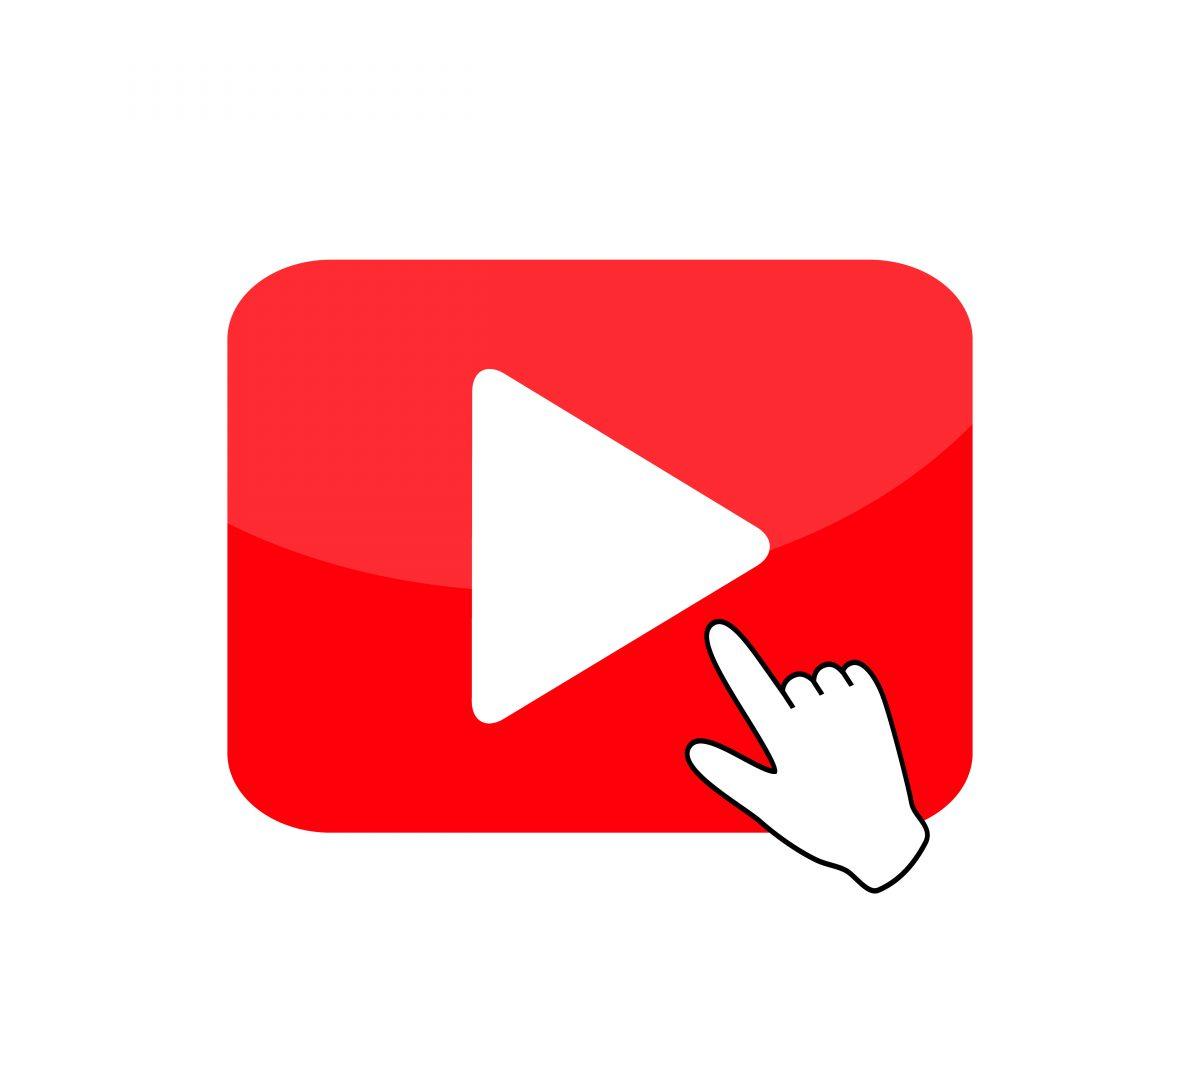 [メルマガ] 何年経っても「売れ続ける」動画の秘訣とは?